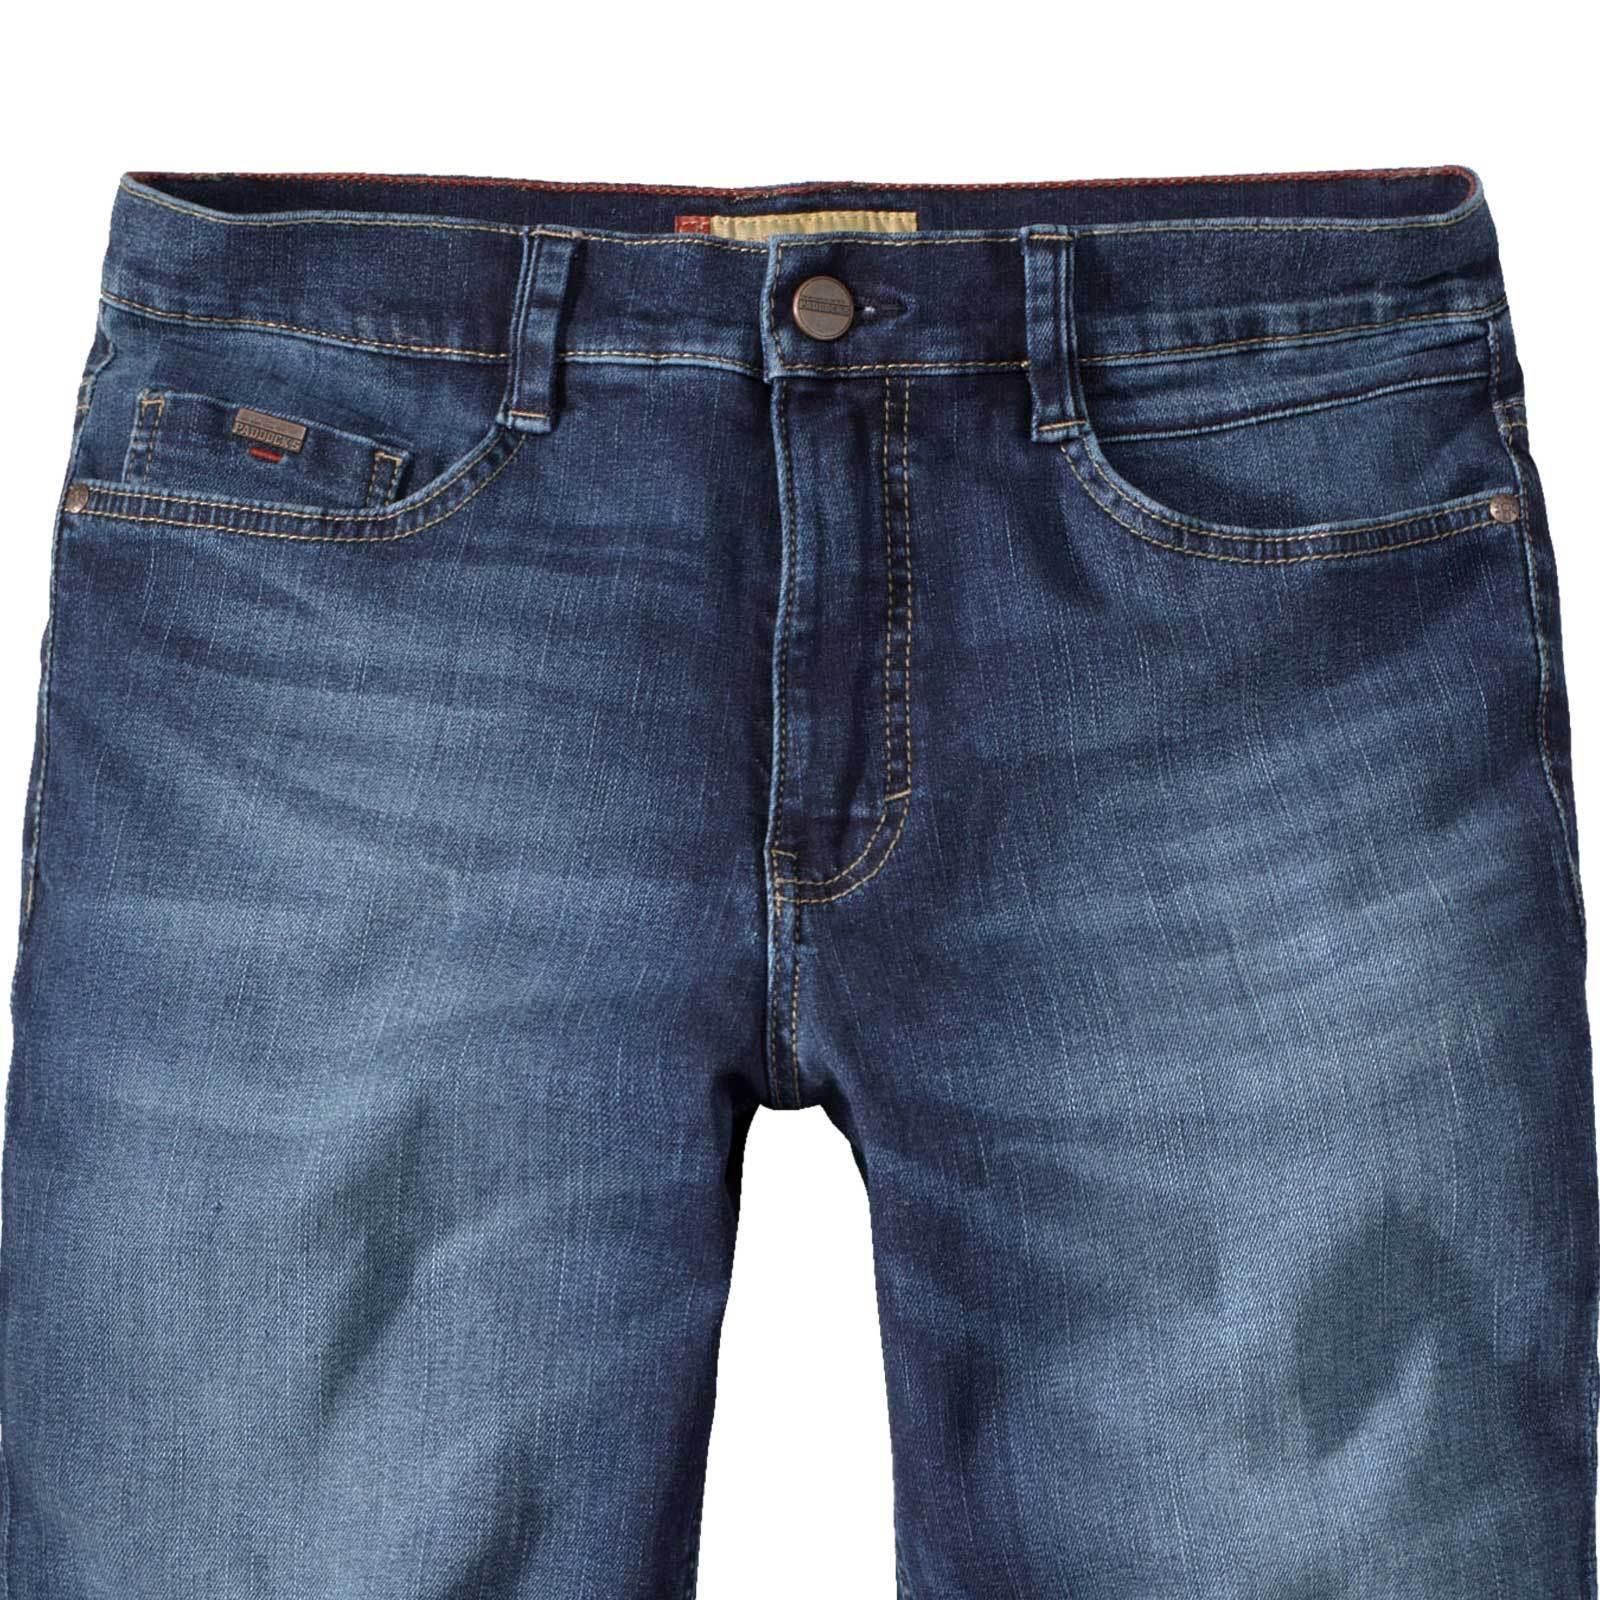 Potrero Ranger Motion Comfort Denim súper-stretch puro camilla  diversión Dark azul  precios bajos todos los dias